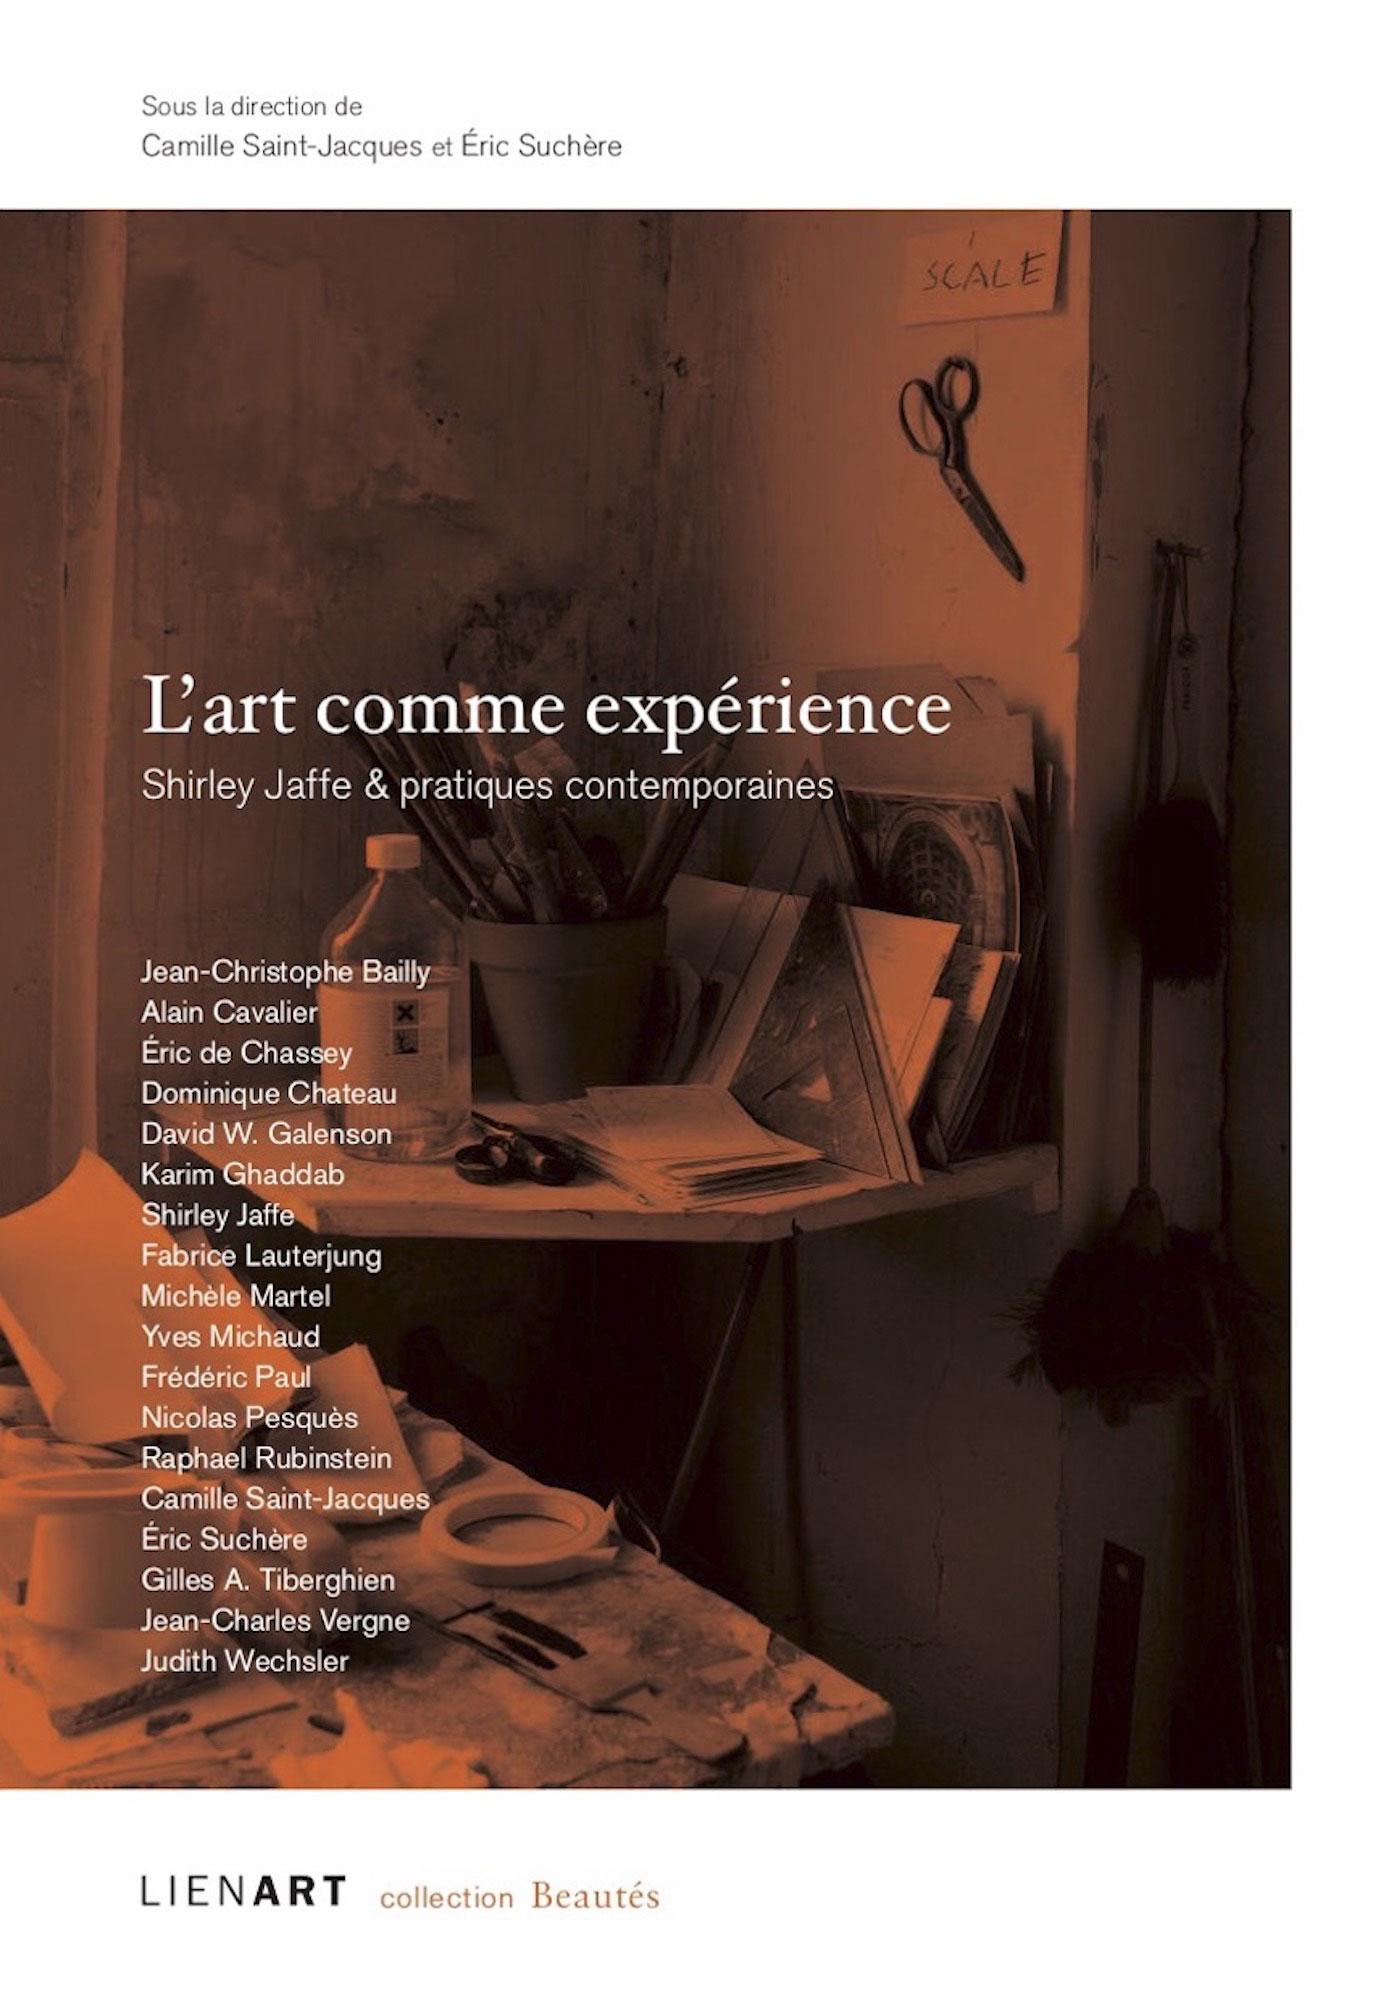 L'Art comme expérience, Shirley Jaffe &pratiques contemporaines